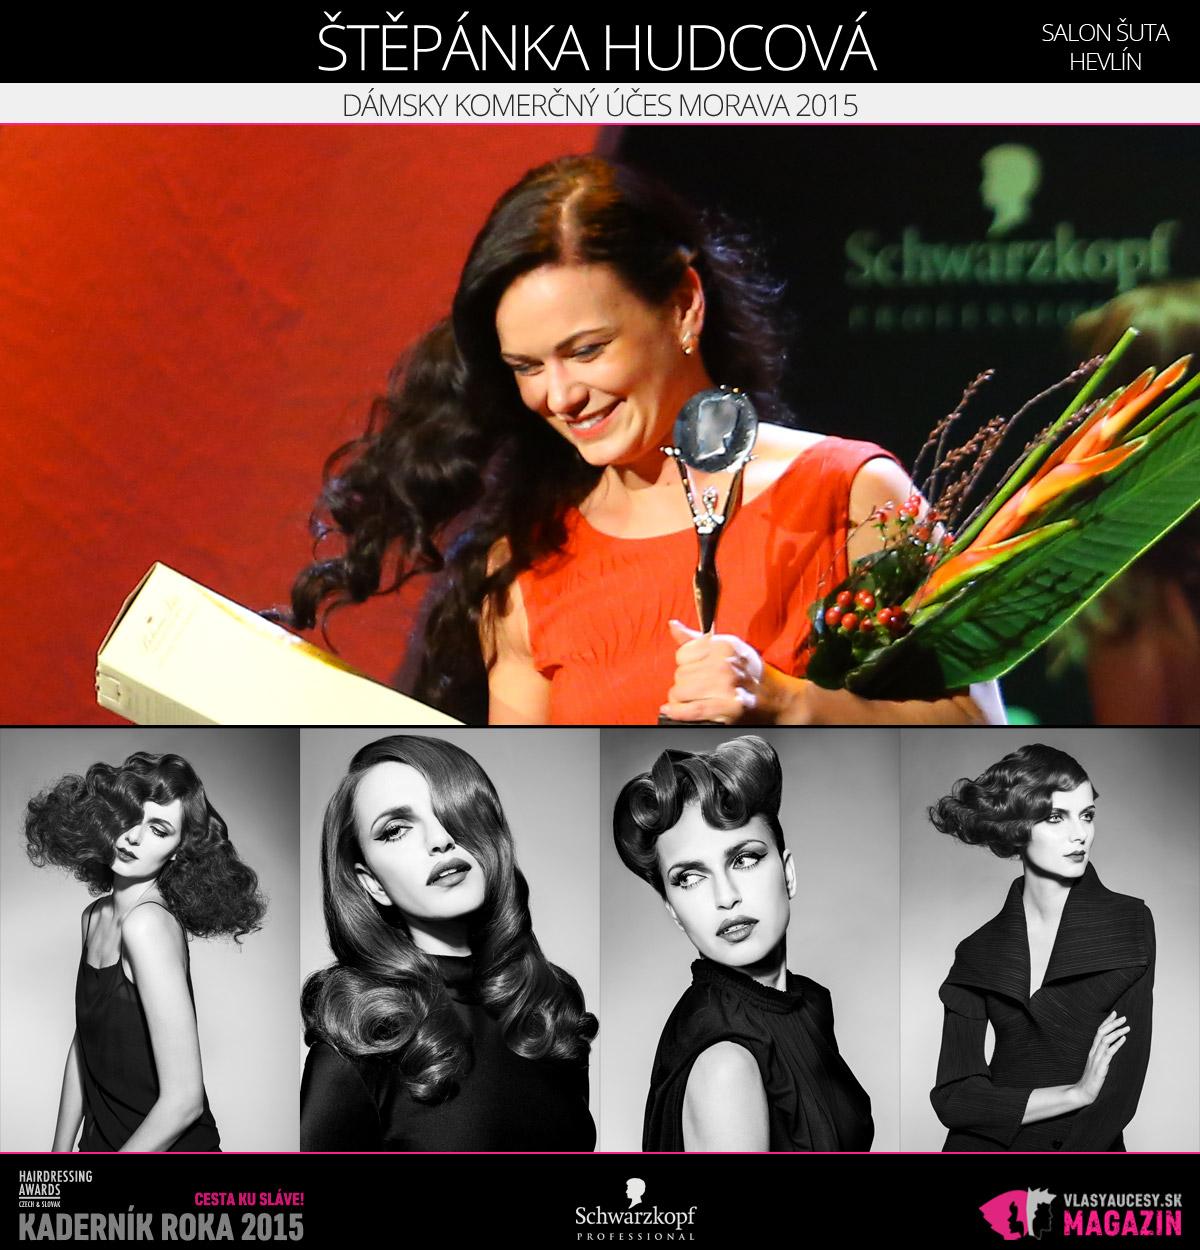 Víťazom v kategórii Dámsky komerčný účes Morava Czech and Slovak Hairdressing Awards 2015 je Štěpánka Hudcová zo Salónu Šuta v Hevlíne.